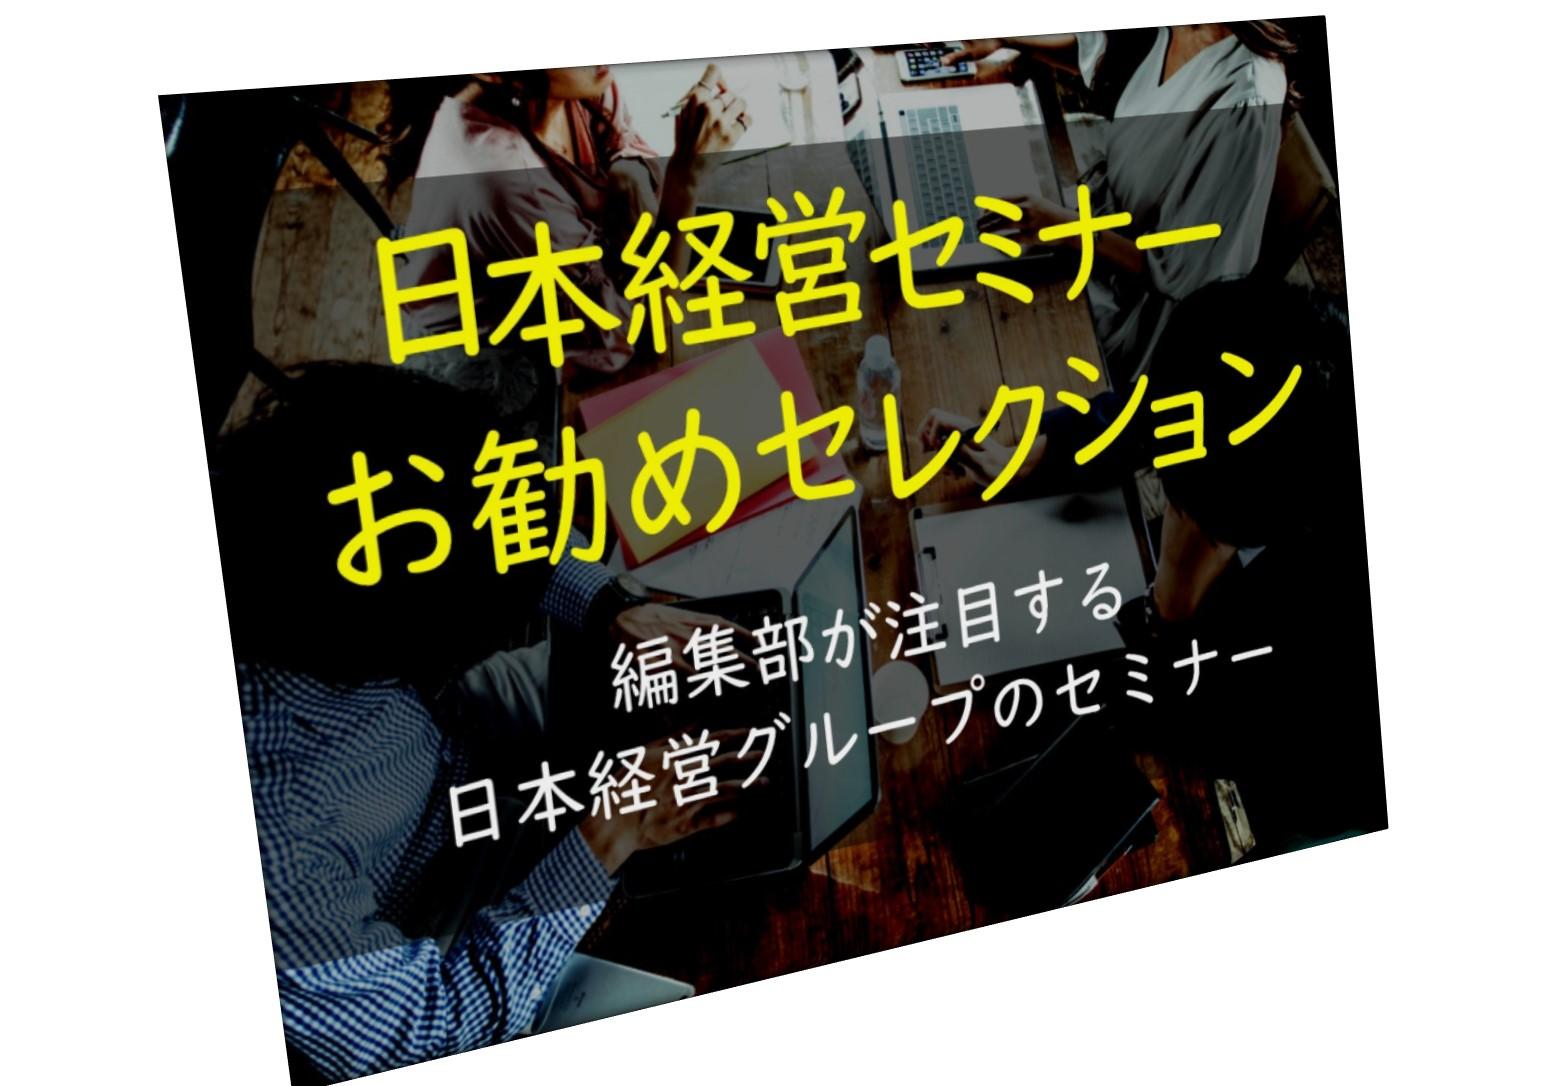 編集部が注目する日本経営グループのセミナーを、「お勧めセレクション」としてご紹介。